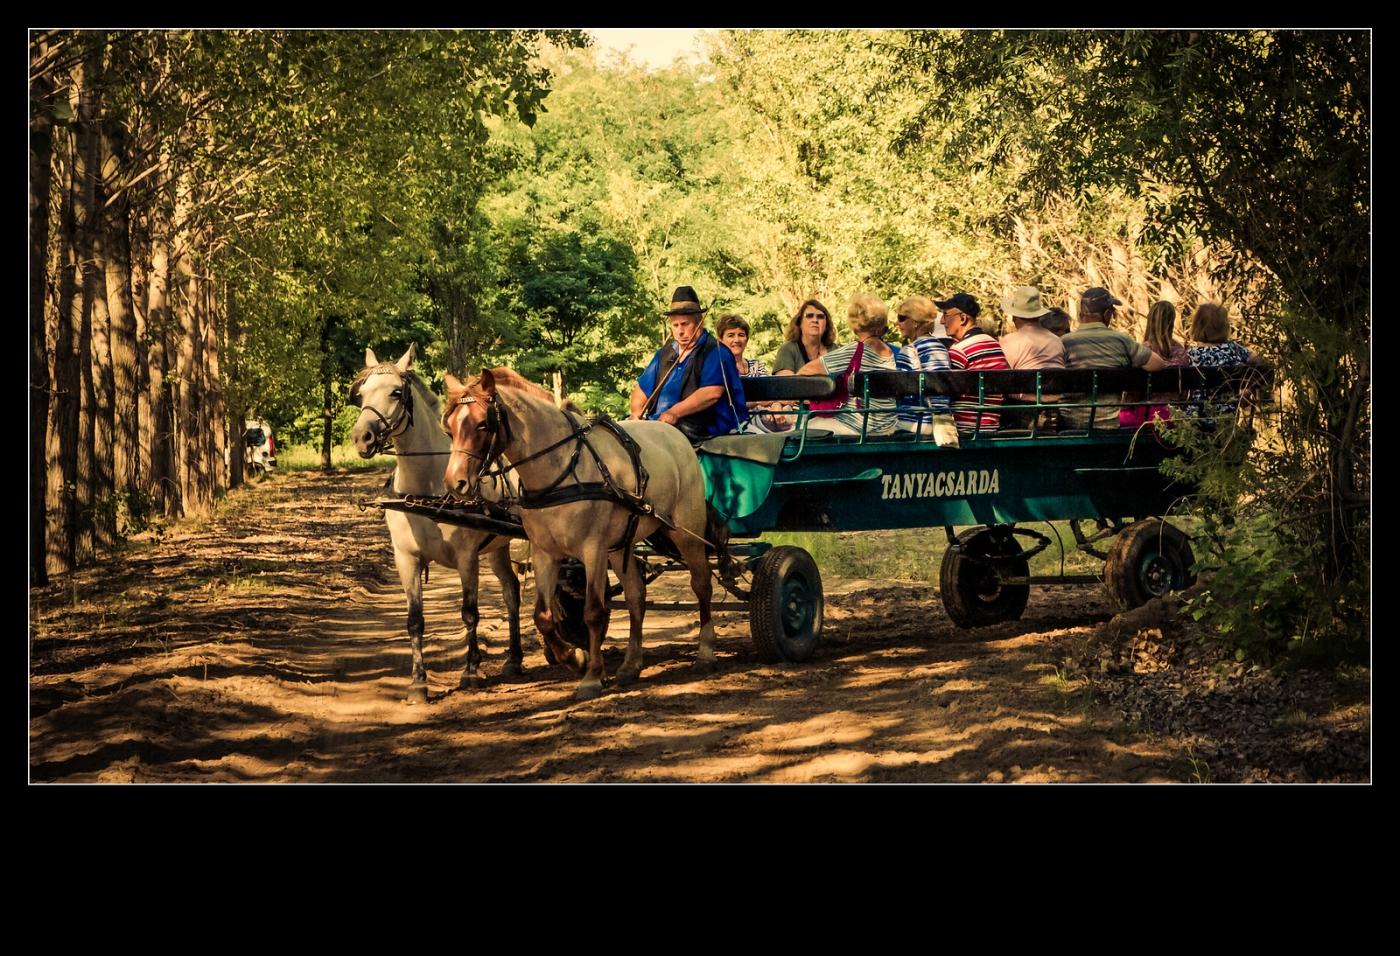 喝酒,做马车,牧场的一天_图1-7